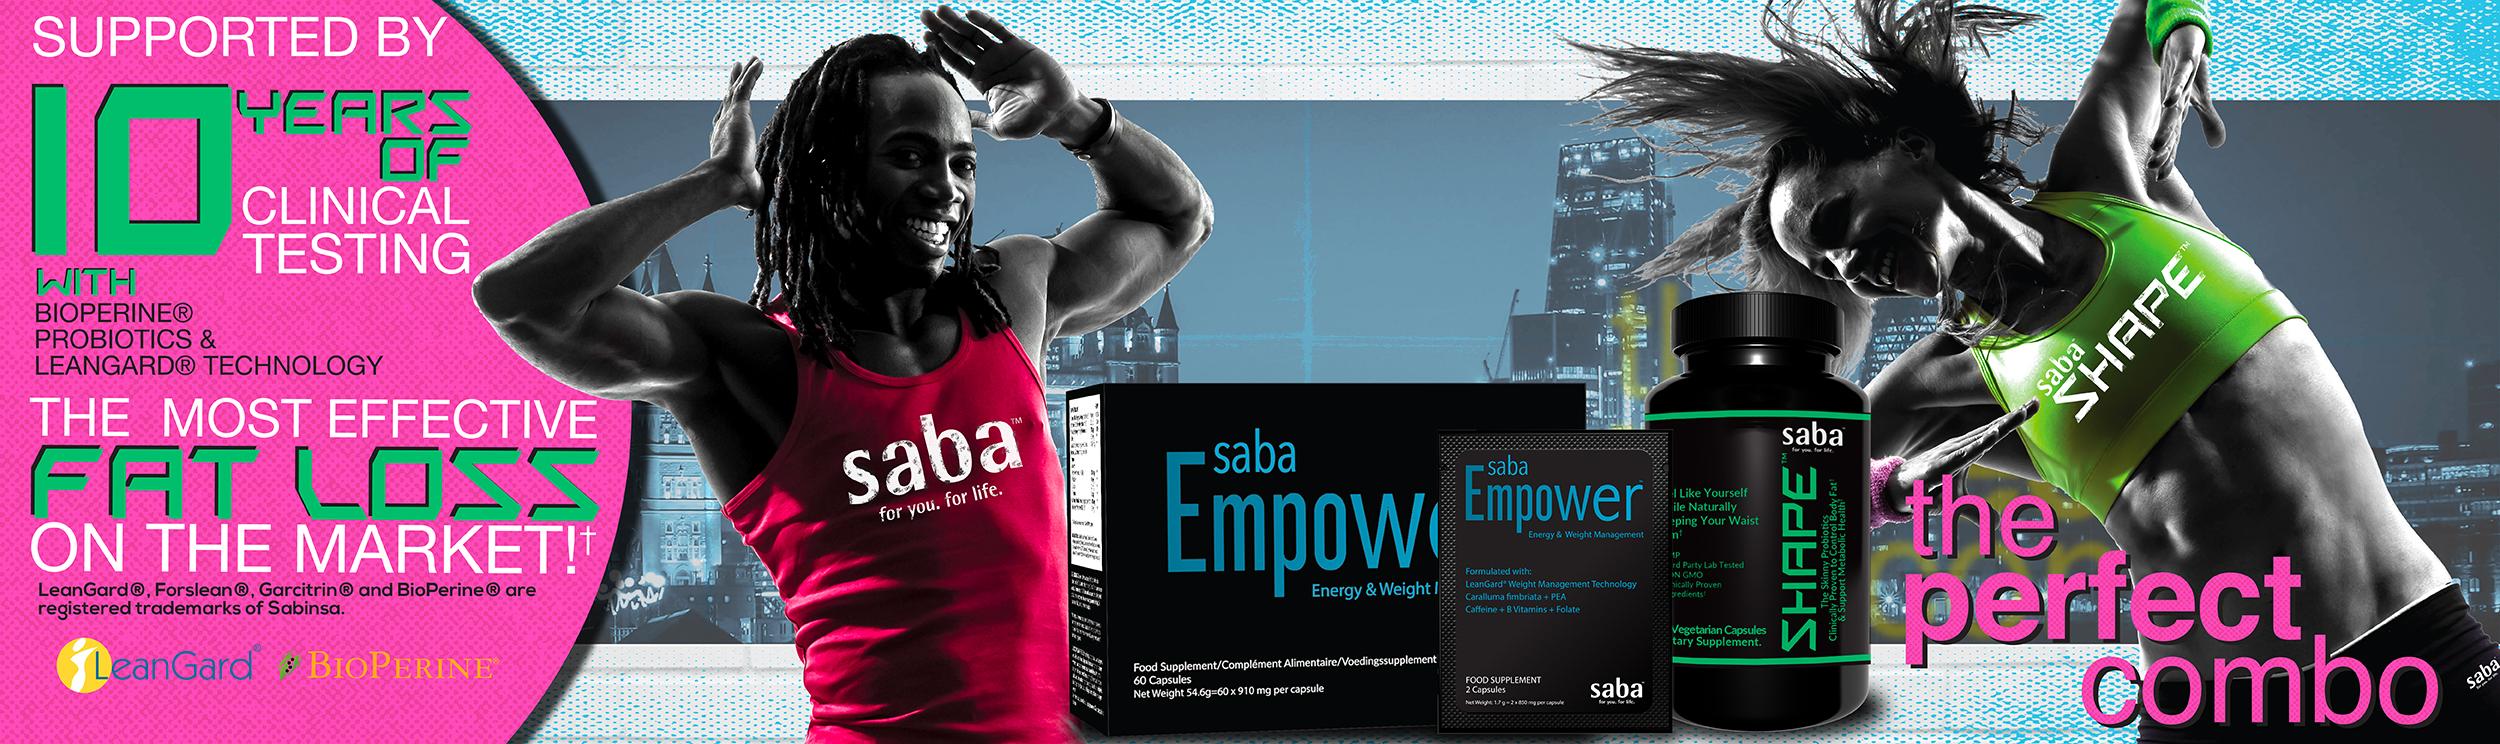 Shape empower eu uk banner